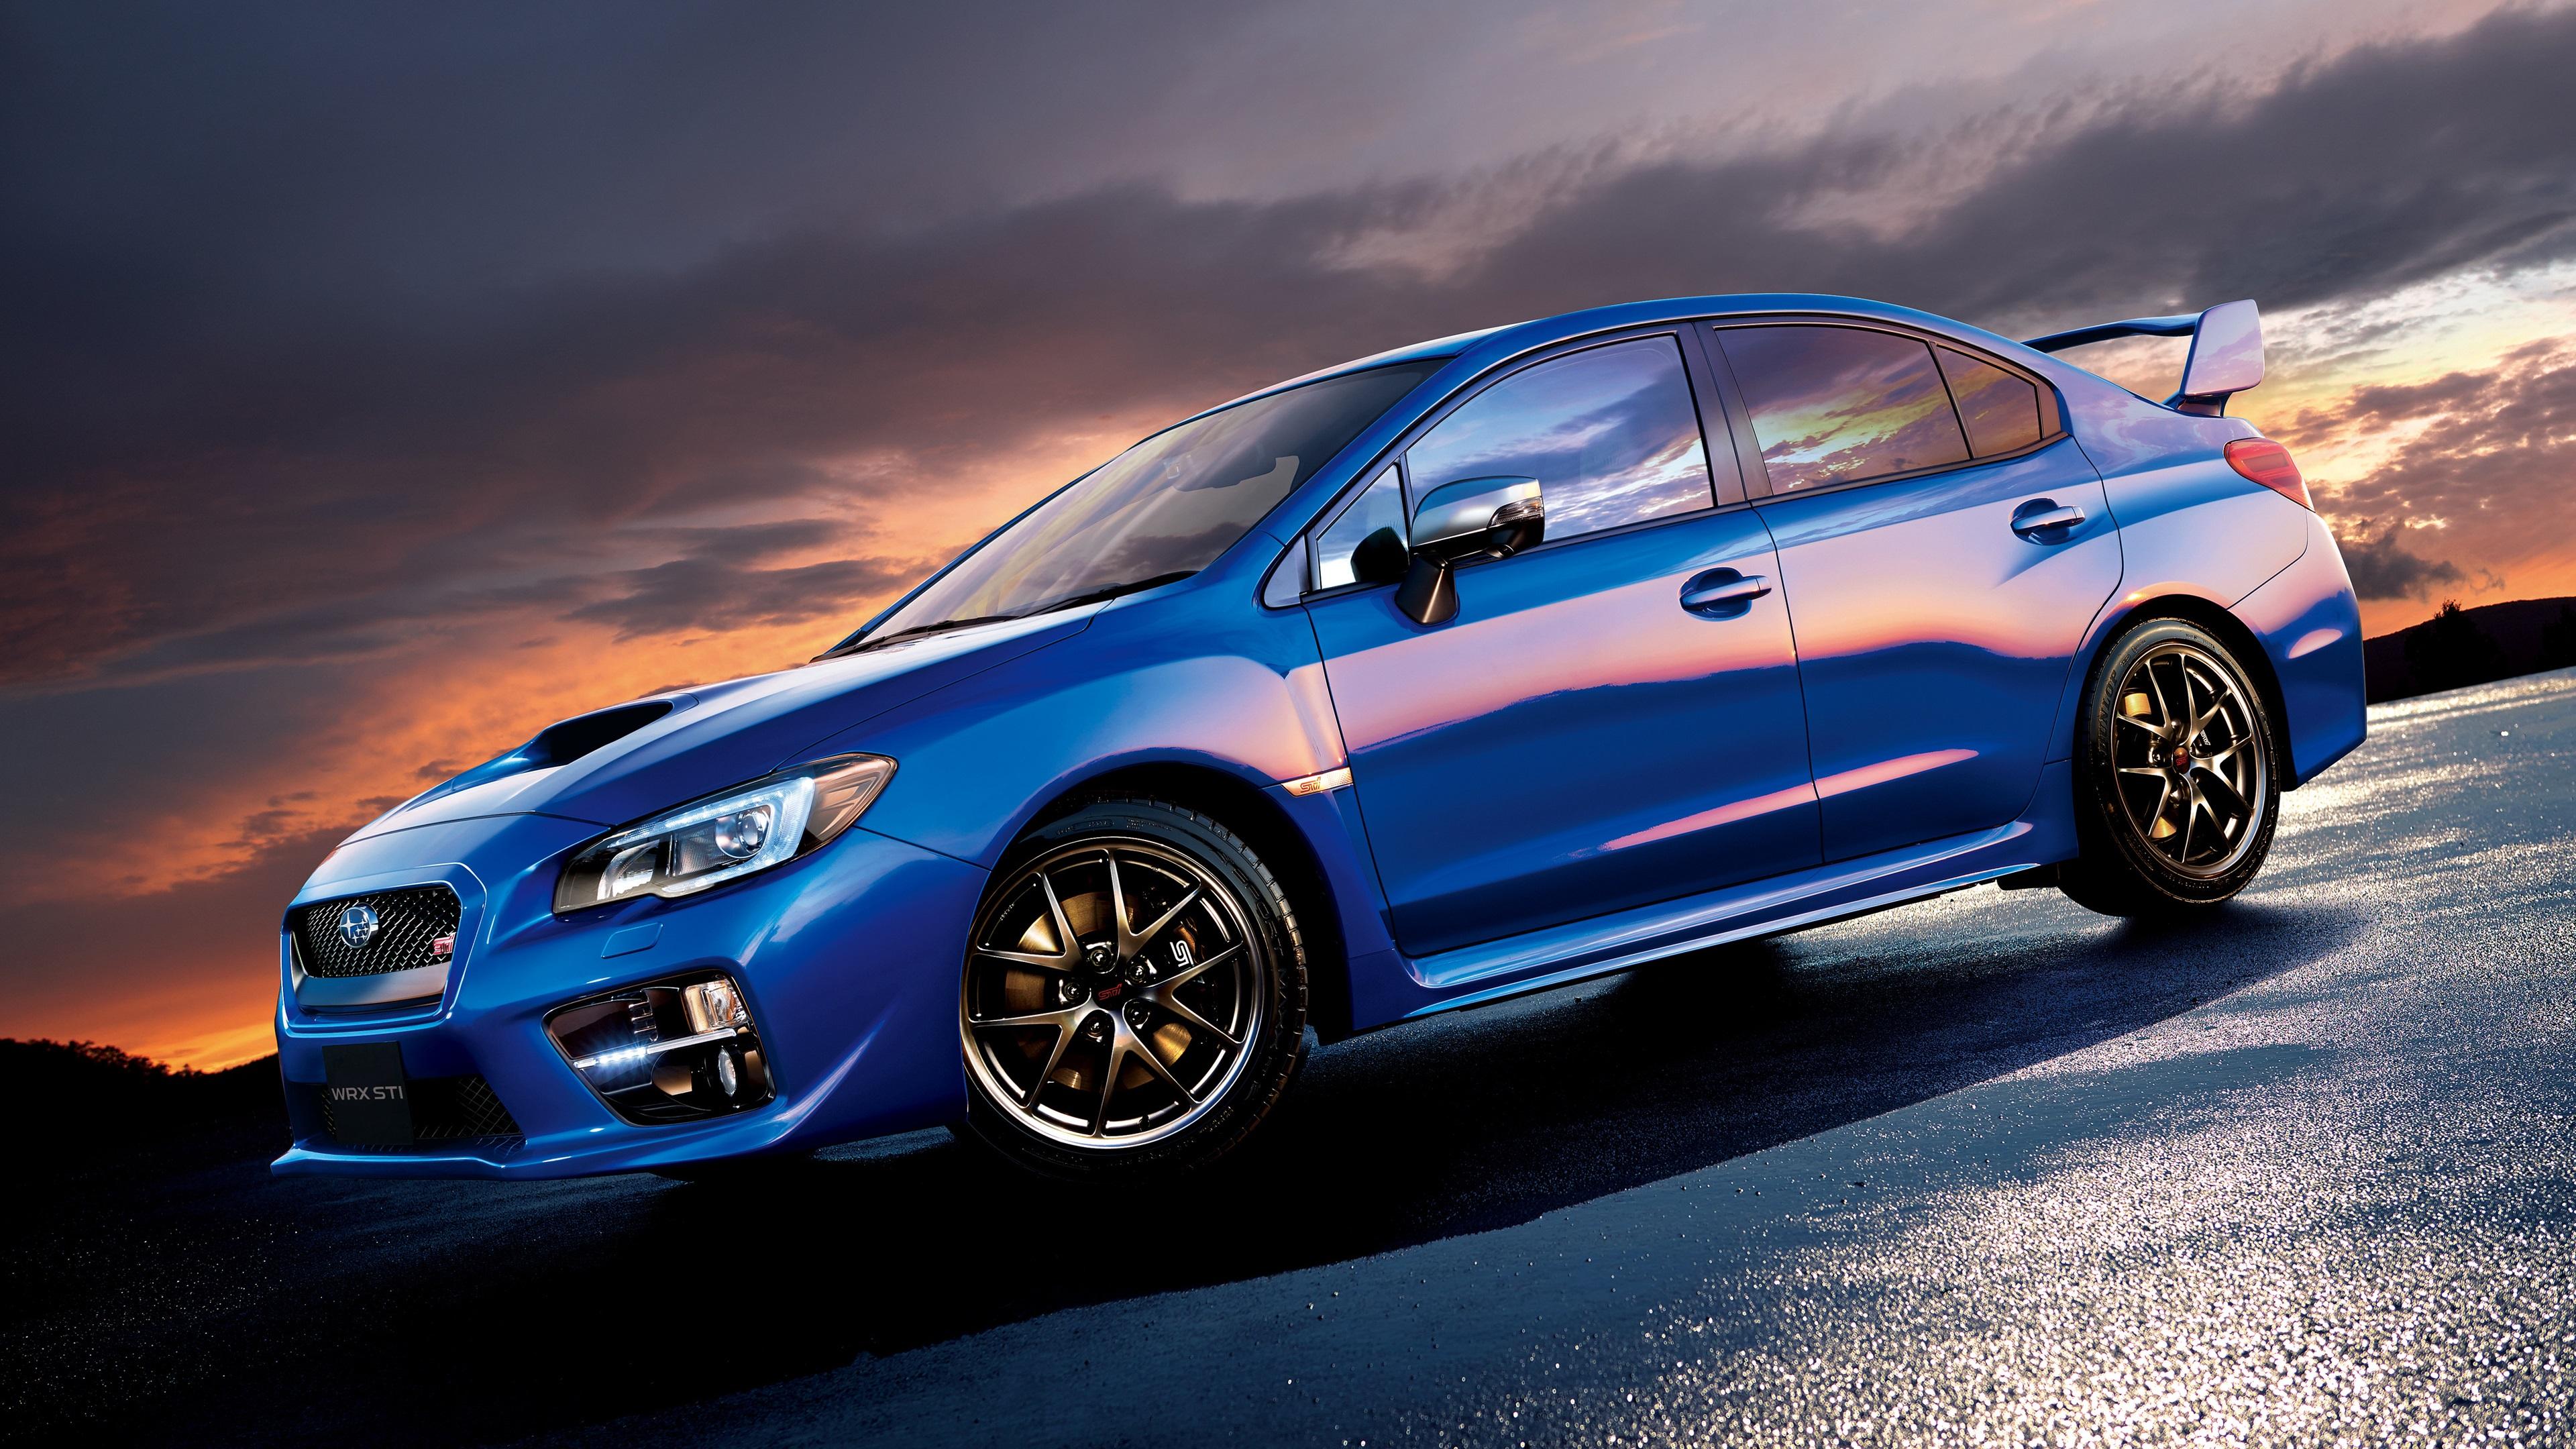 壁紙 スバルsti Wrx青い車の側面図 3840x2160 Uhd 4k 無料の